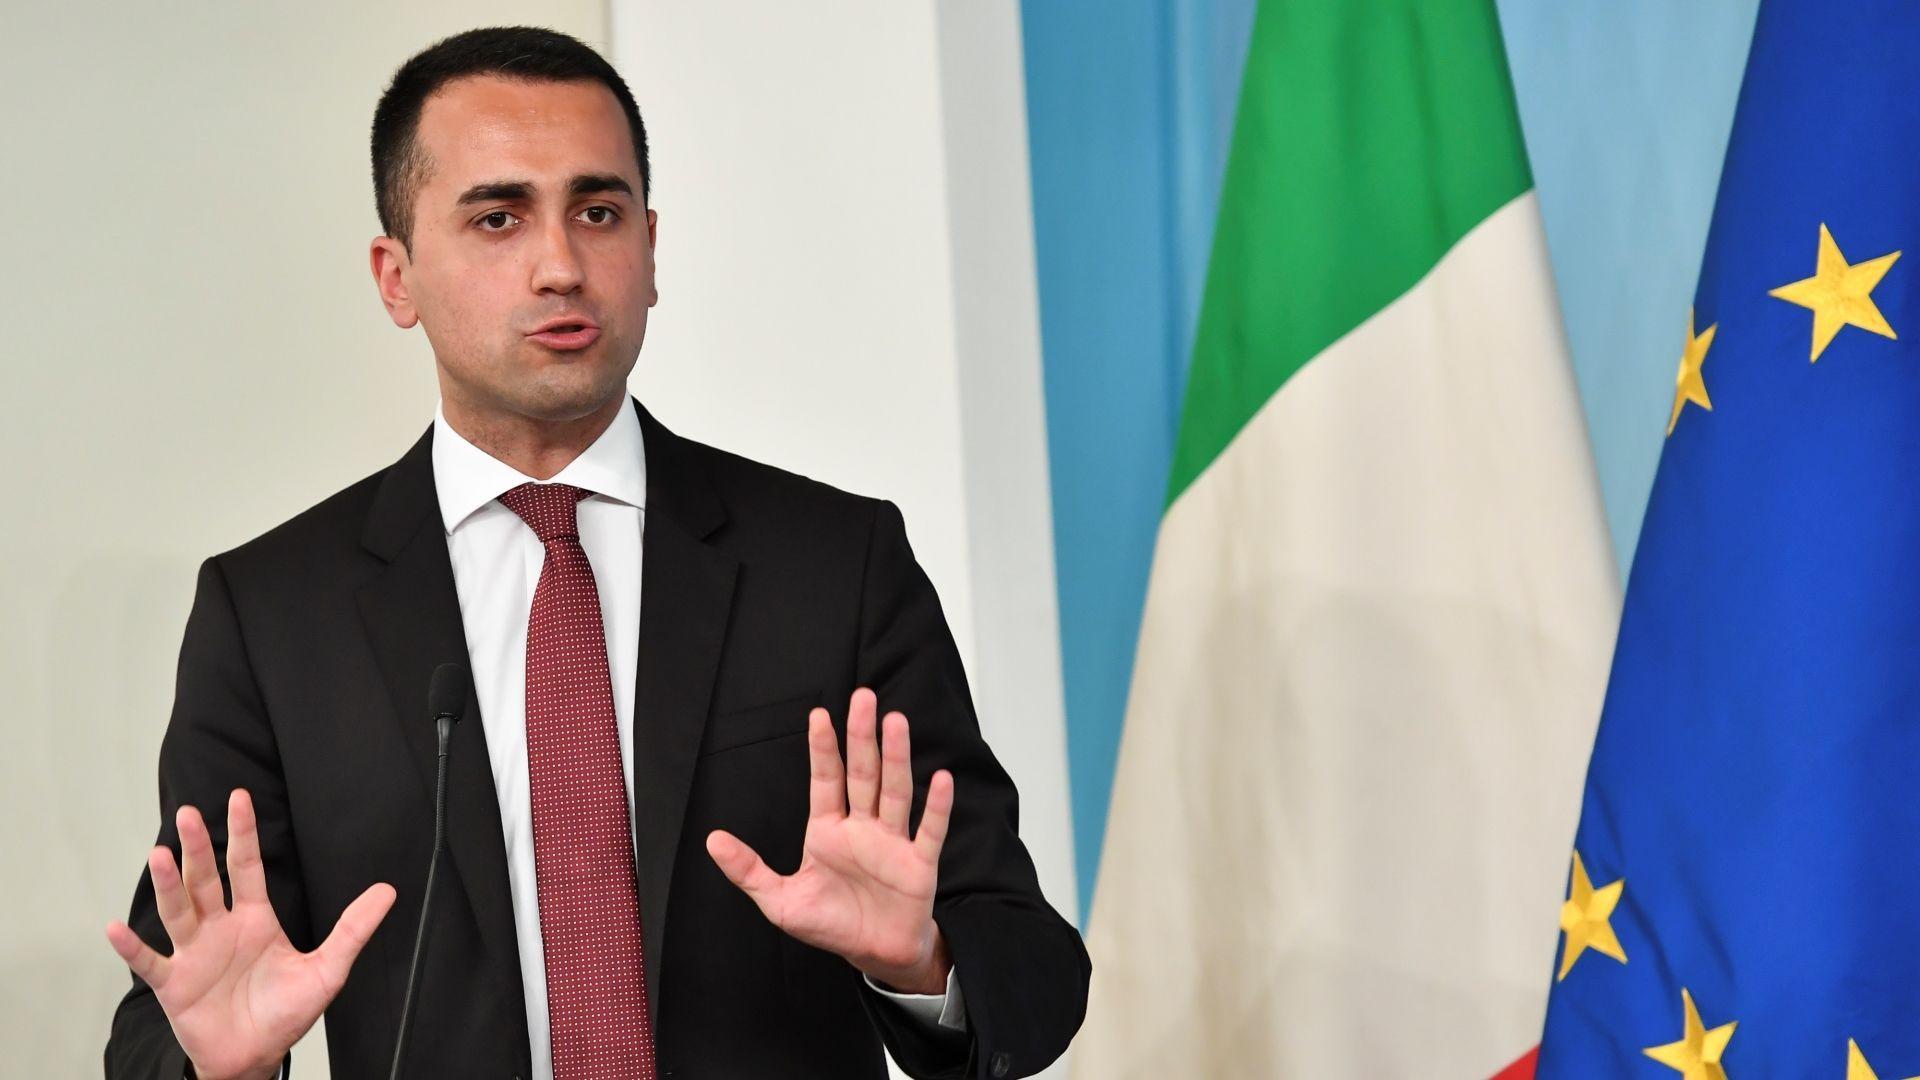 وزير الخارجية الإيطالي: منع تصدير الأسلحة إلى تركيا رسميًا خلال ساعات